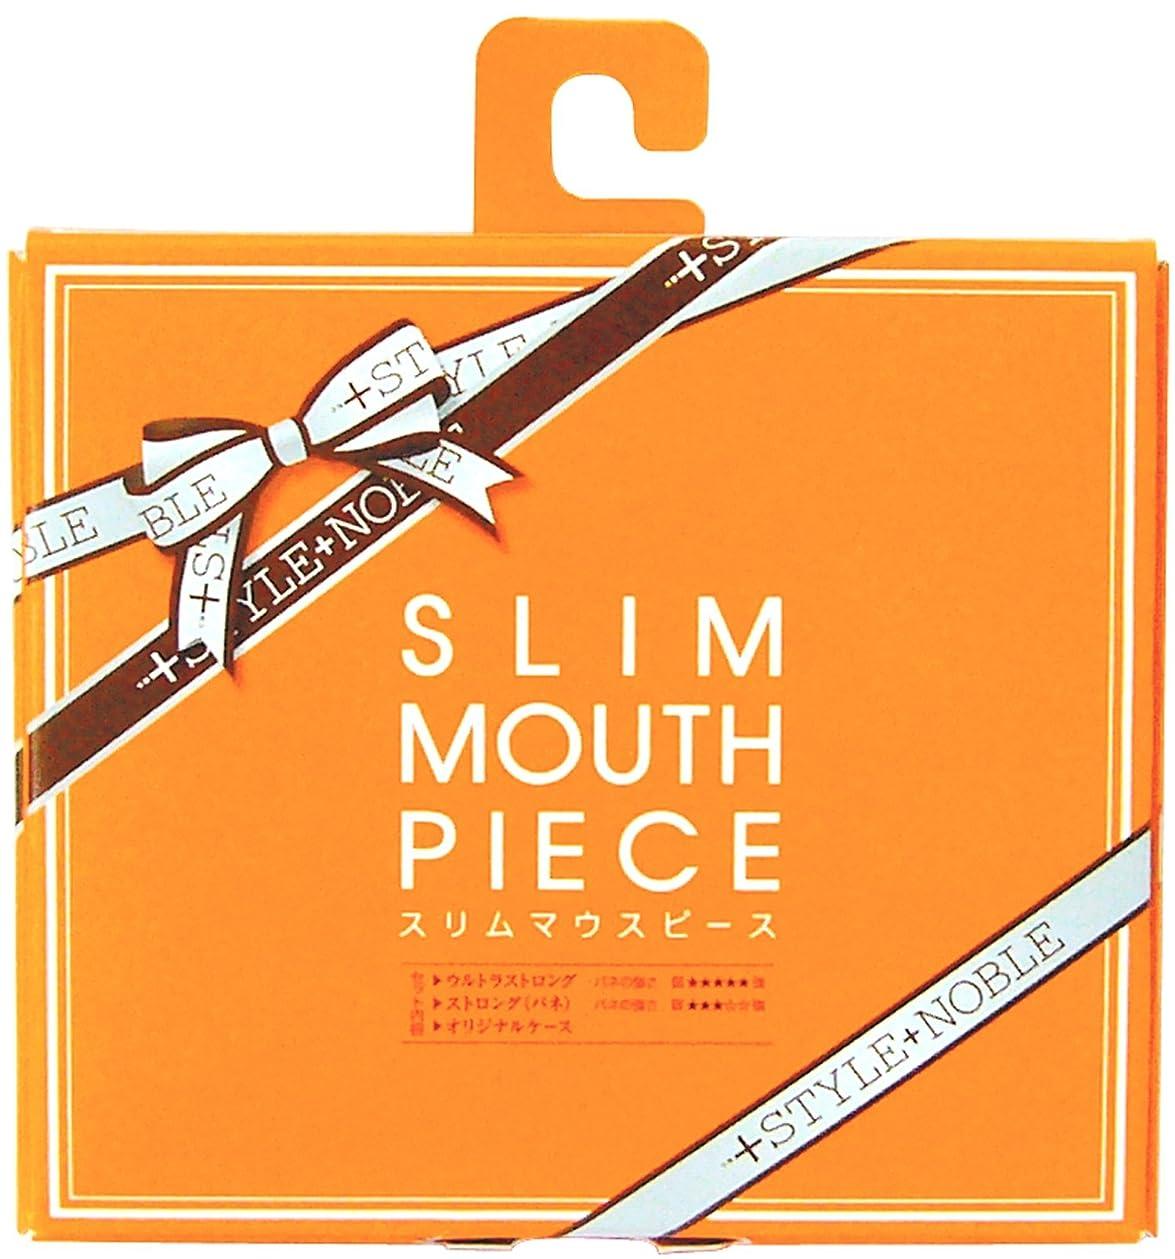 大使館完璧虫ノーブル スリウマウスピース 発売17周年セット